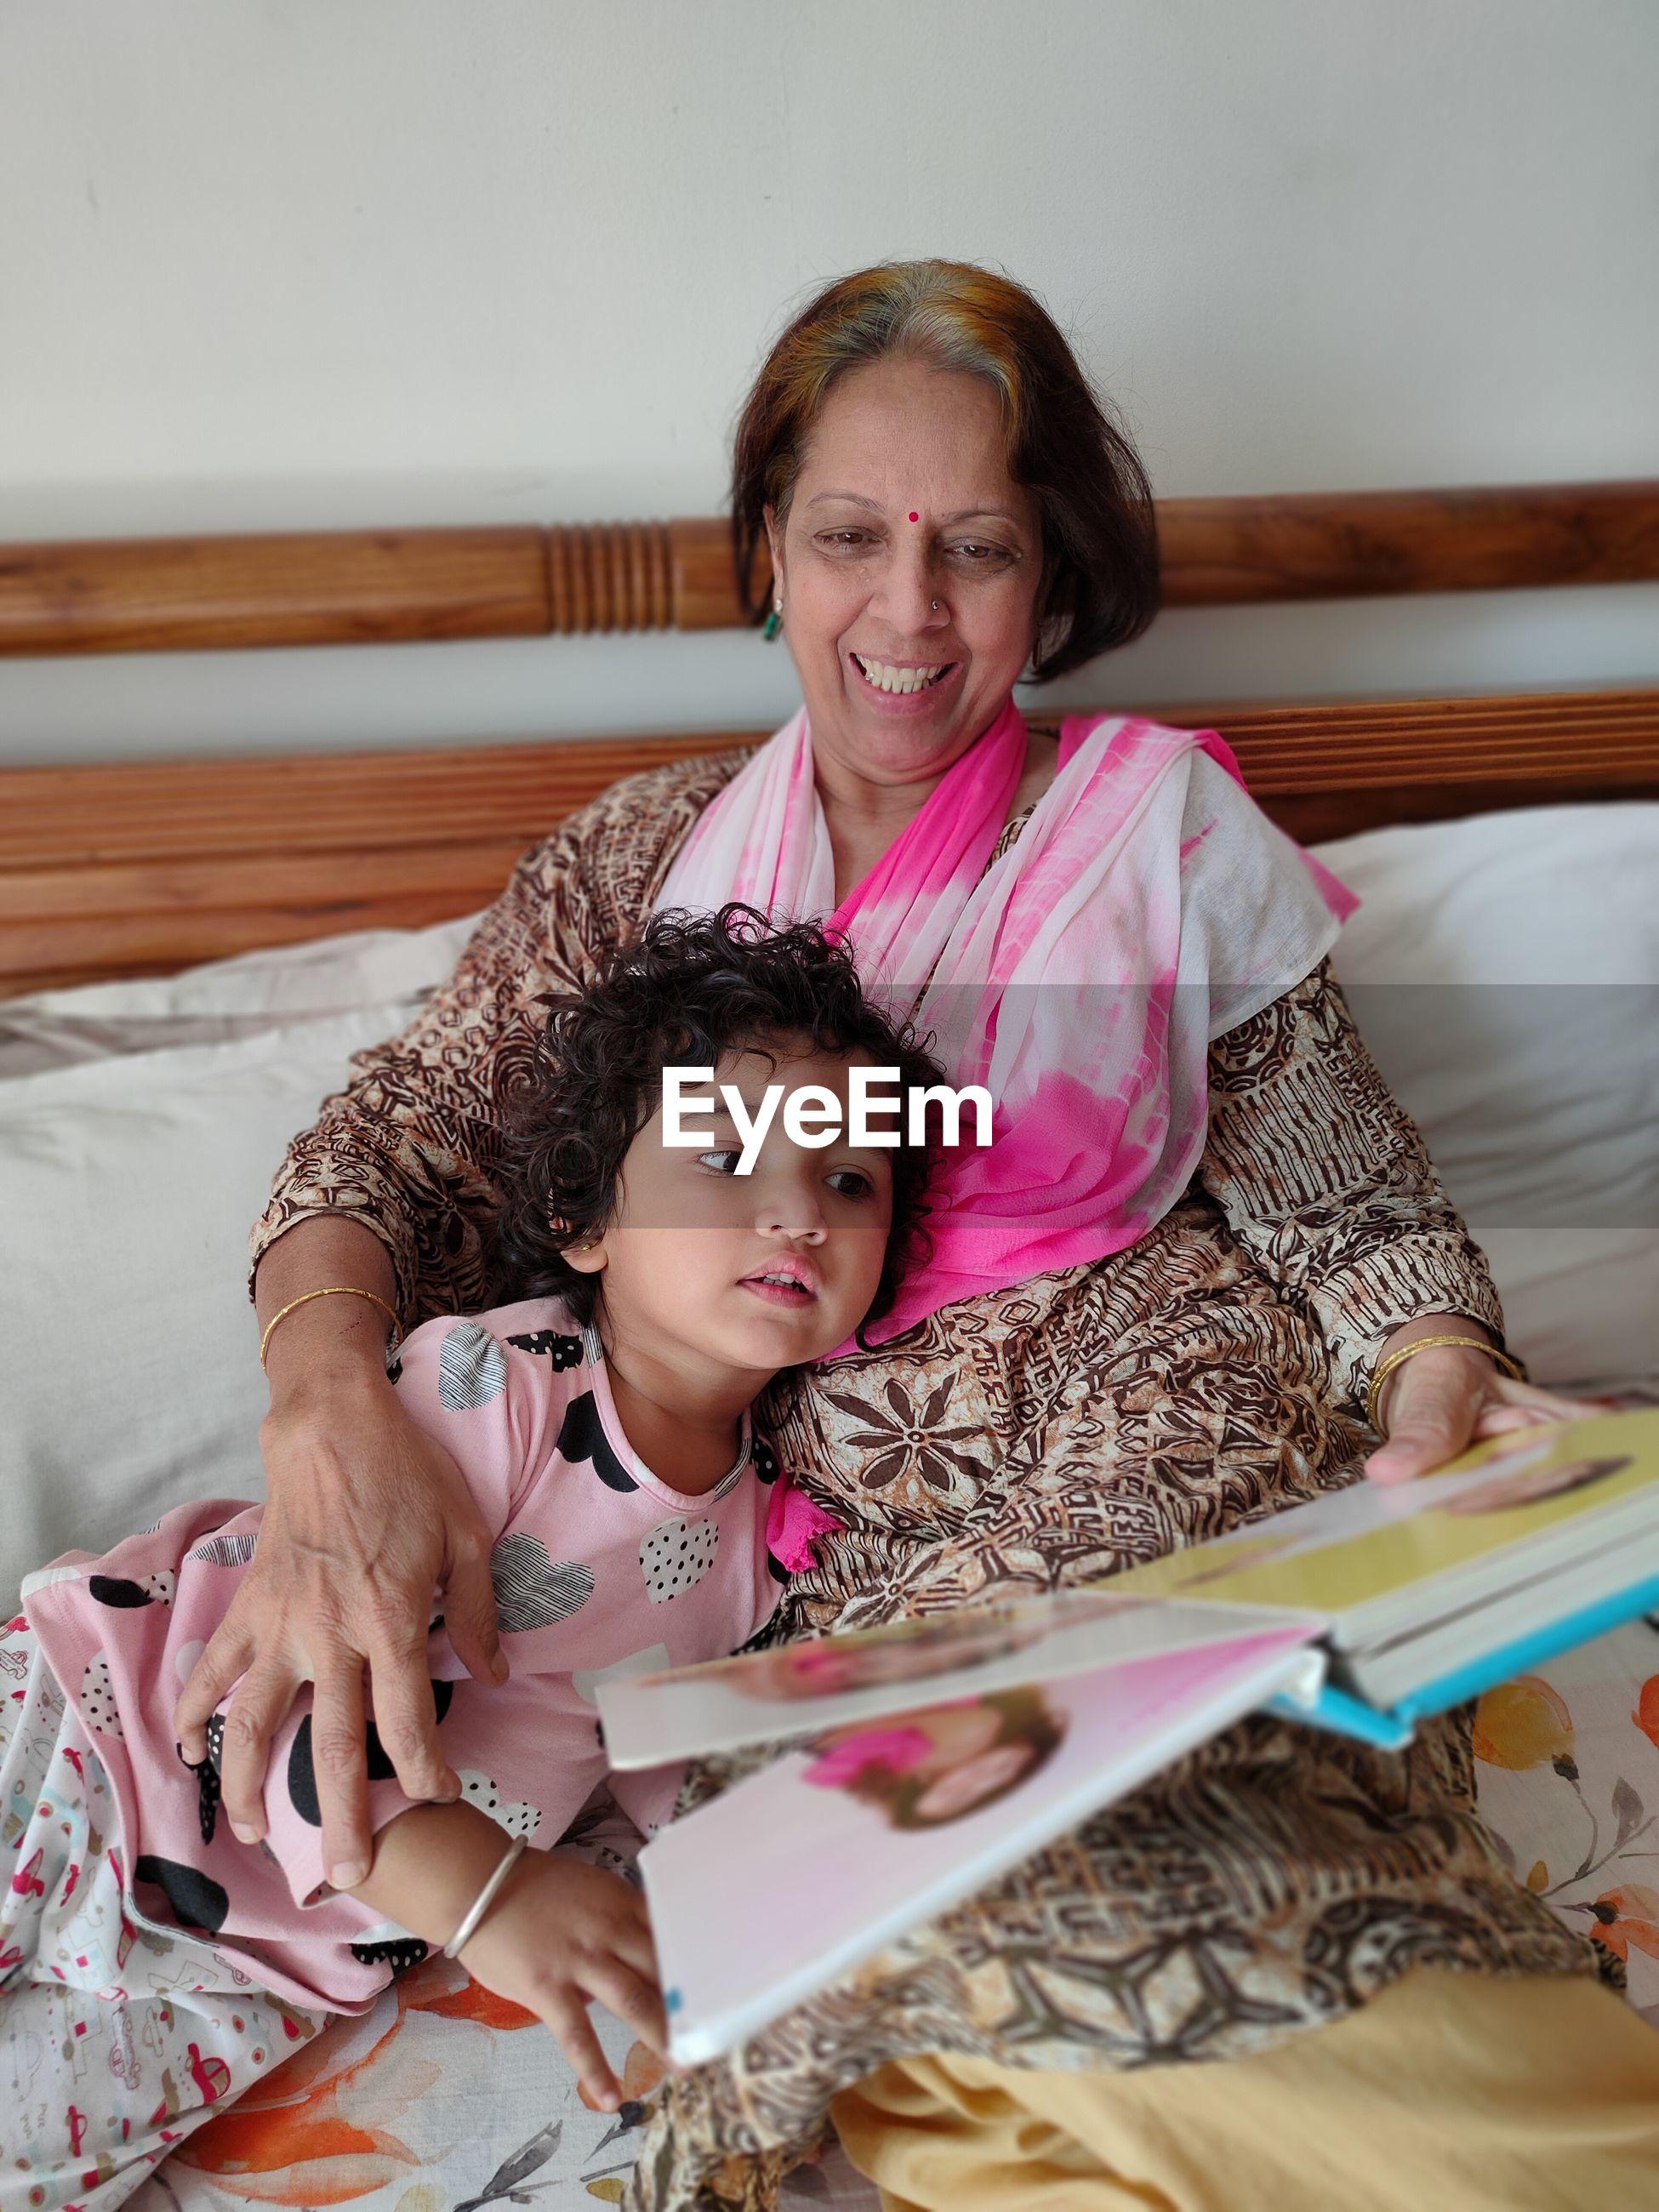 Relation between grandma and granddaughter